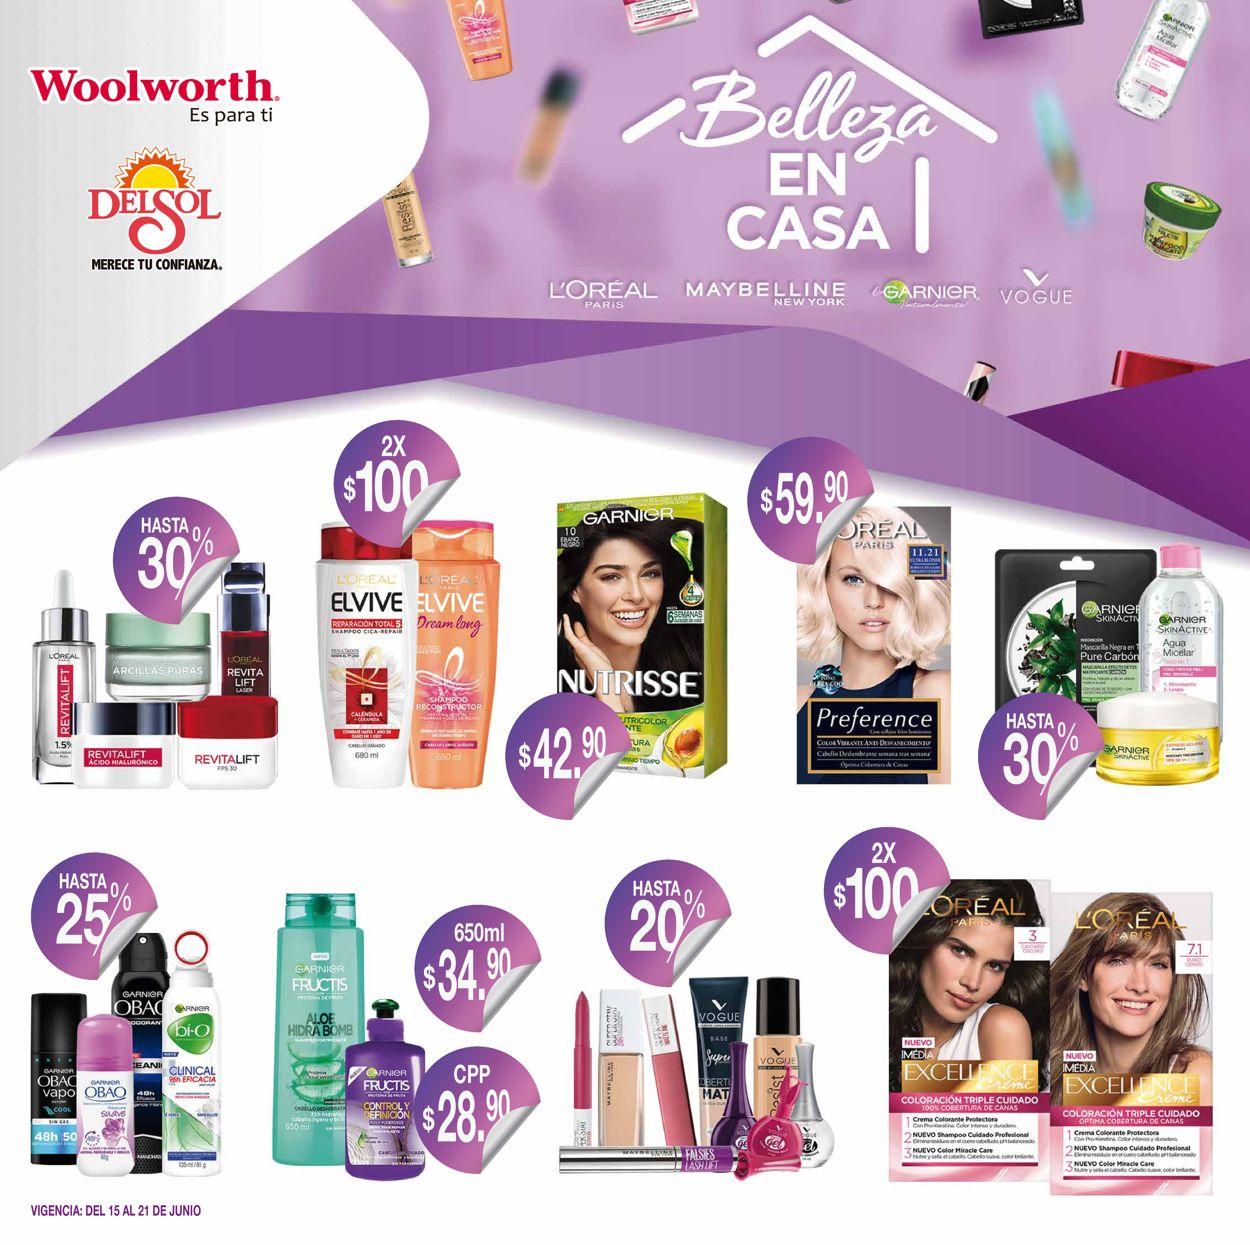 Woolworth Folleto - 15.06-21.06.2020